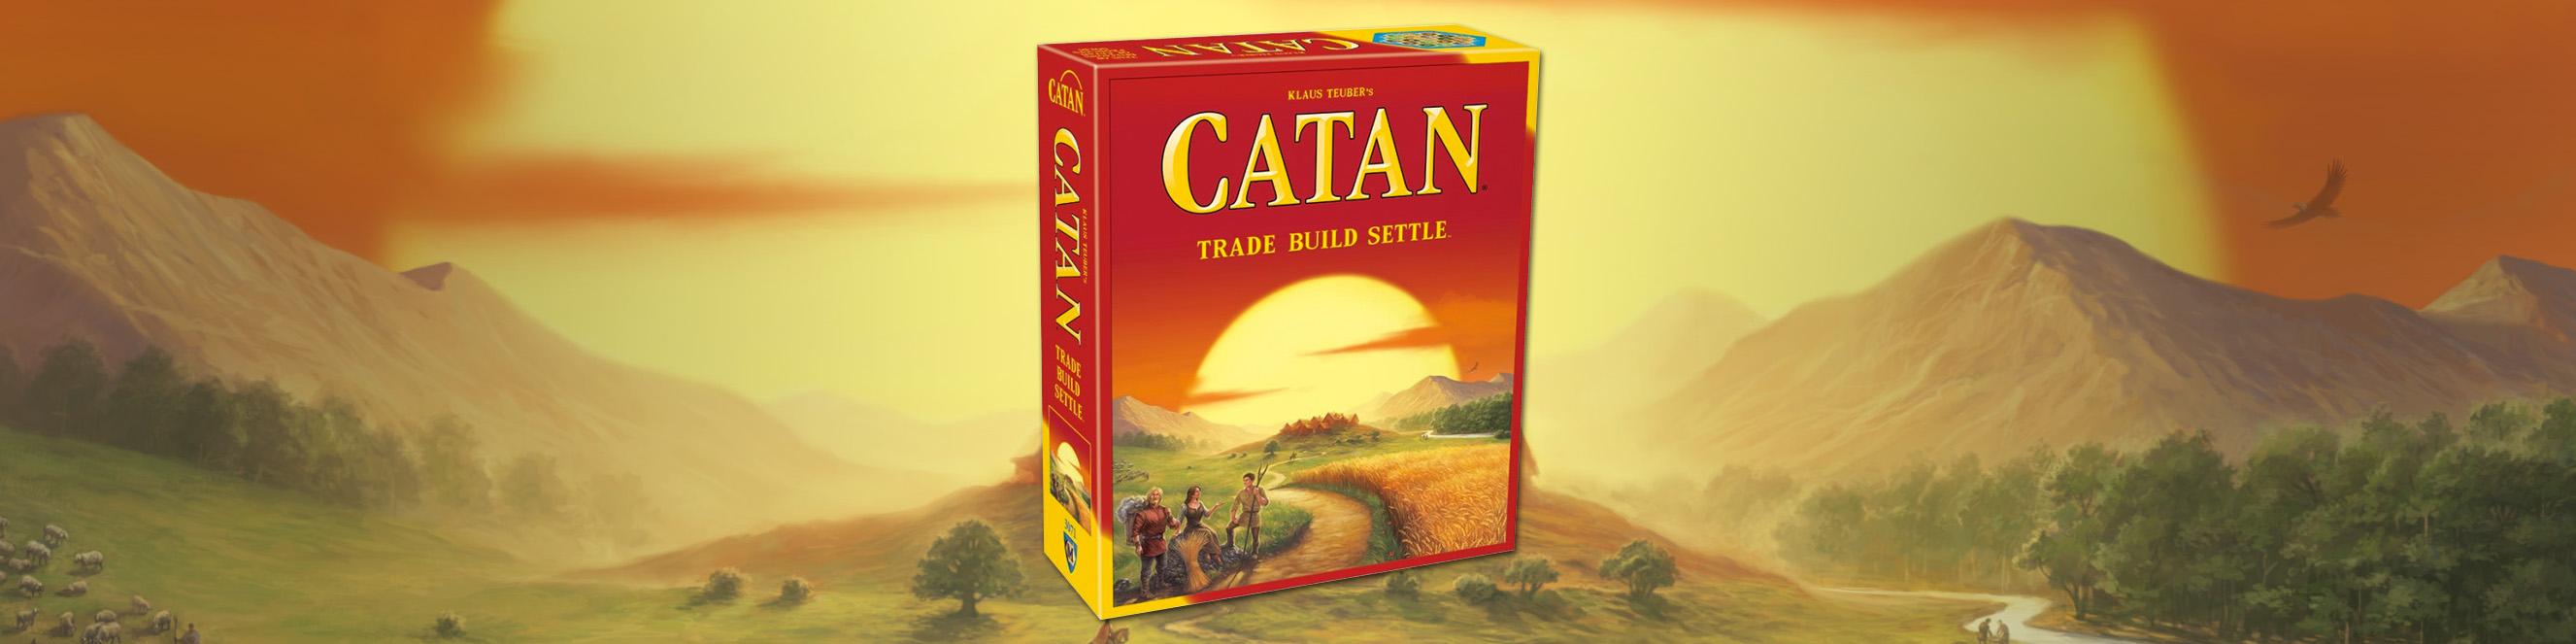 catanbannerthin